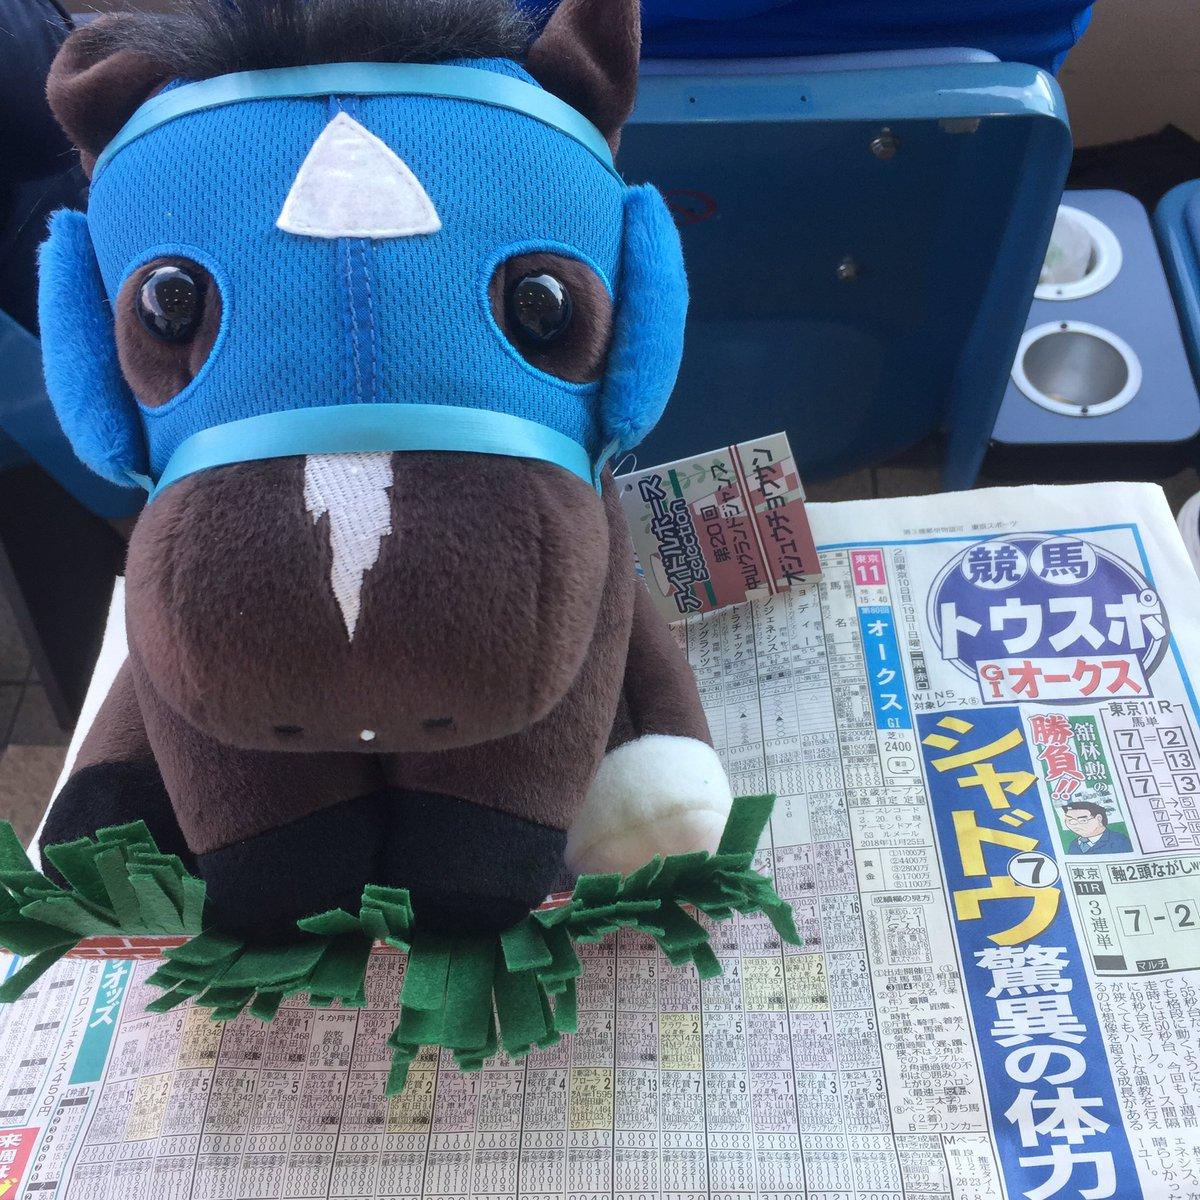 今日オークスだけどオジュウチョウサンのぬいぐるみをゲット😆 オークスはシゲルピンクダイヤを応援してます💎  #オークス #東京競馬場